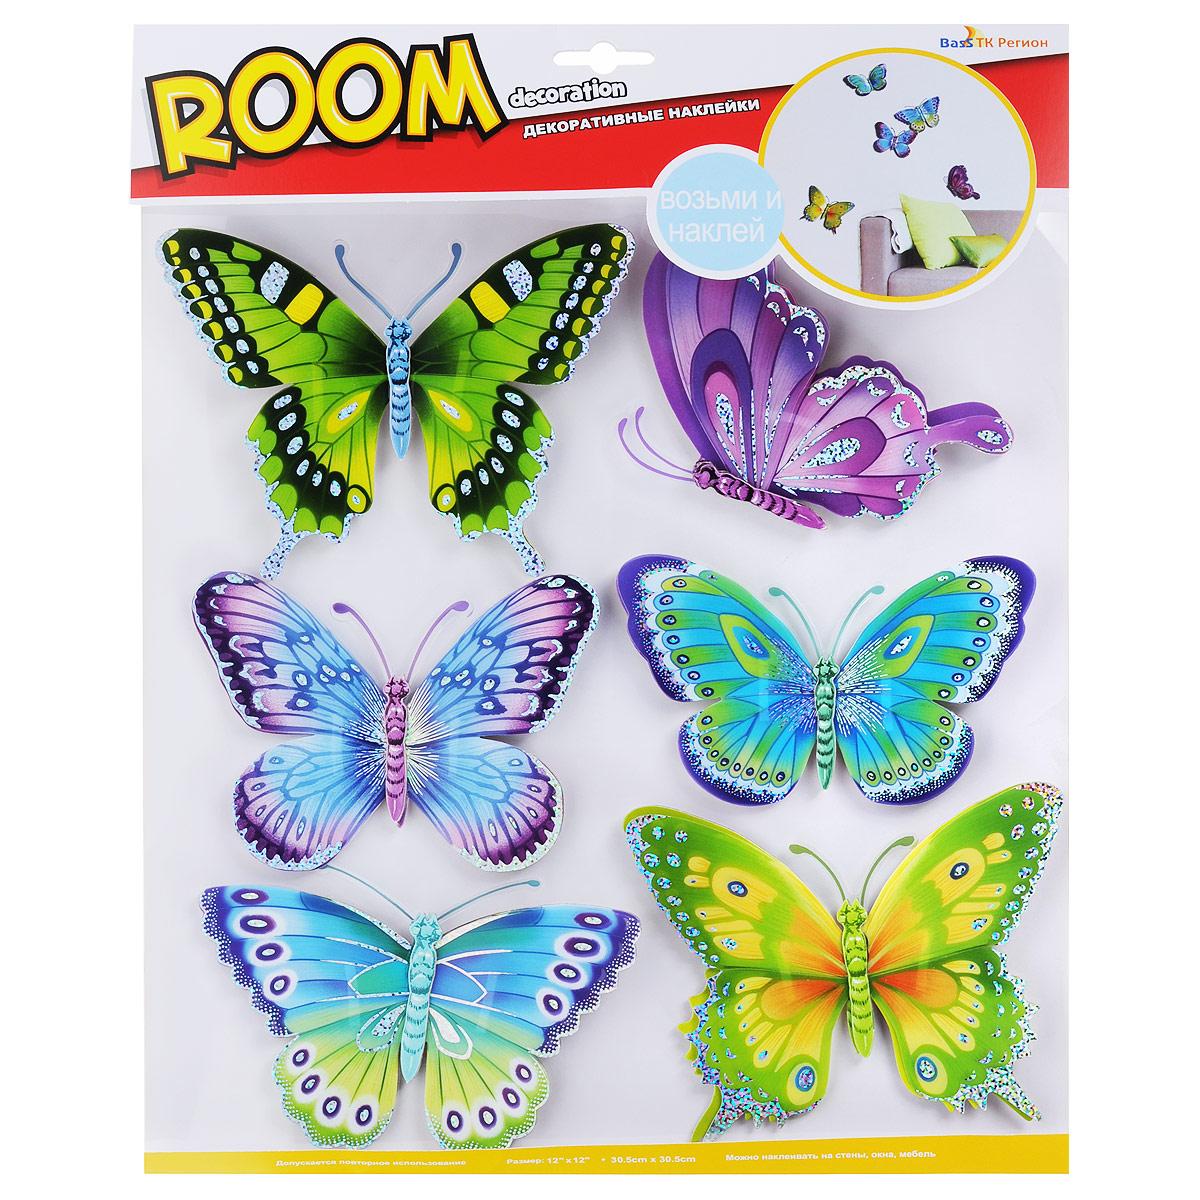 Наклейки для интерьера Room Decoration Блестящие бабочки, 30,5 х 30,5 смCBA3119Наклейки для стен и предметов интерьера Room Decoration Блестящие бабочки, изготовленные из экологически безопасной самоклеящейся виниловой пленки - это удивительно простой и быстрый способ оживить интерьер помещения. На одном листе расположены 6 наклеек в виде бабочек с серебристыми переливающимися вставками. Интерьерные наклейки дадут вам вдохновение, которое изменит вашу жизнь и поможет погрузиться в мир ярких красок, фантазий и творчества. Для вас открываются безграничные возможности придумать оригинальный дизайн и придать новый вид стенам и мебели. Наклейки абсолютно безопасны для здоровья. Они быстро и легко наклеиваются на любые ровные поверхности: стены, окна, двери, кафельную плитку, виниловые и флизелиновые обои, стекла, мебель. При необходимости удобно снимаются, не оставляют следов и не повреждают поверхность (кроме бумажных обоев). Наклейки Room Decoration Блестящие бабочки помогут вам изменить интерьер вокруг себя: в детской комнате и ...